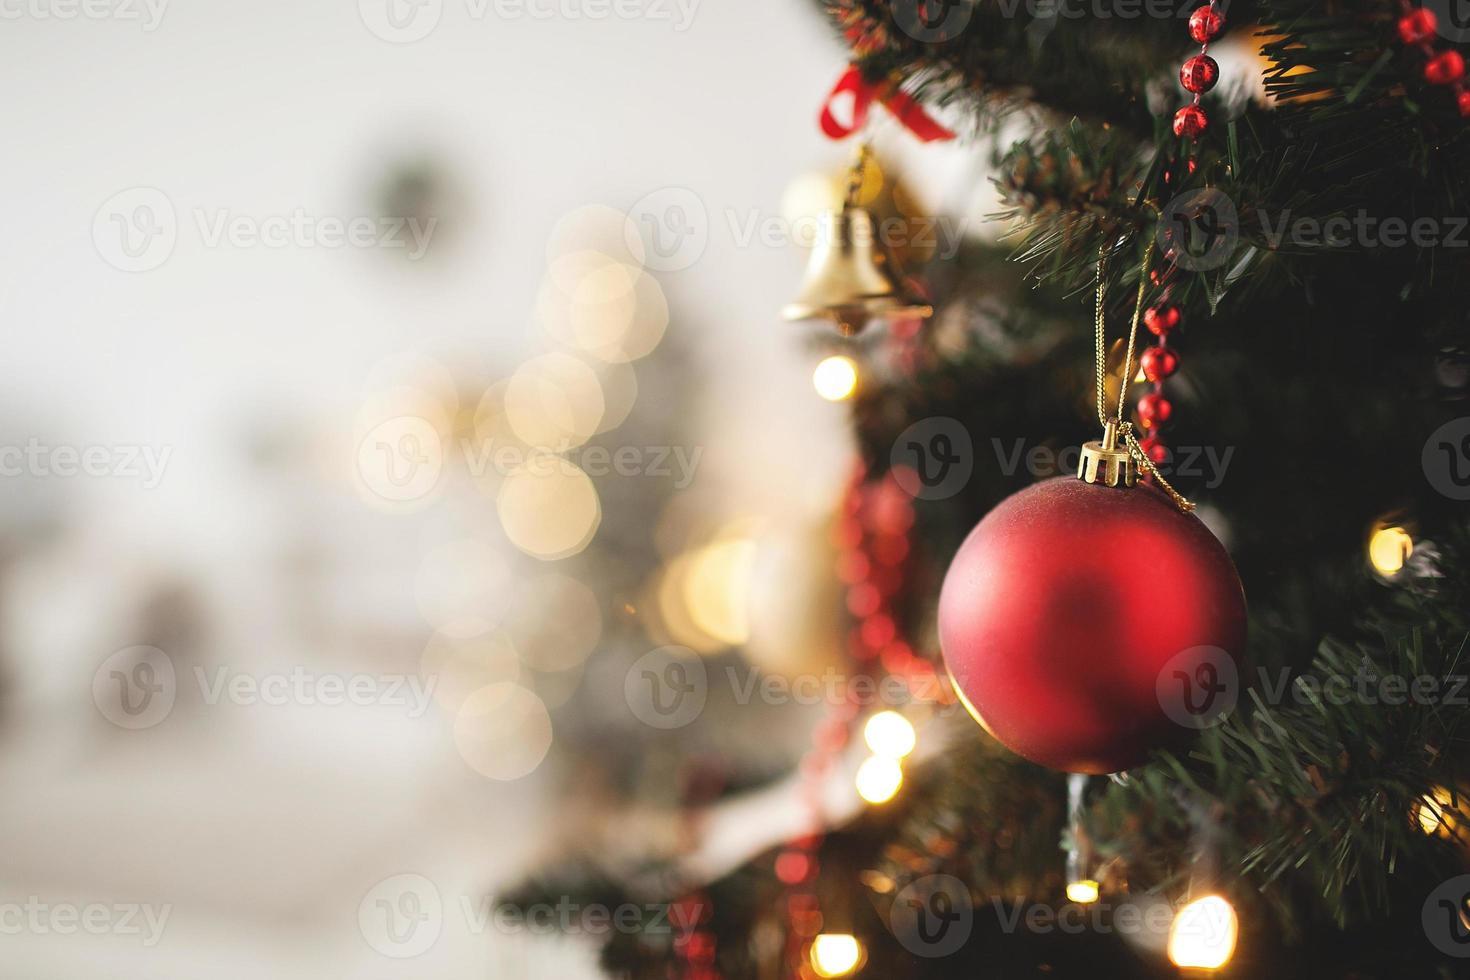 dekorerade julgran med leksak och kopieringsutrymme foto